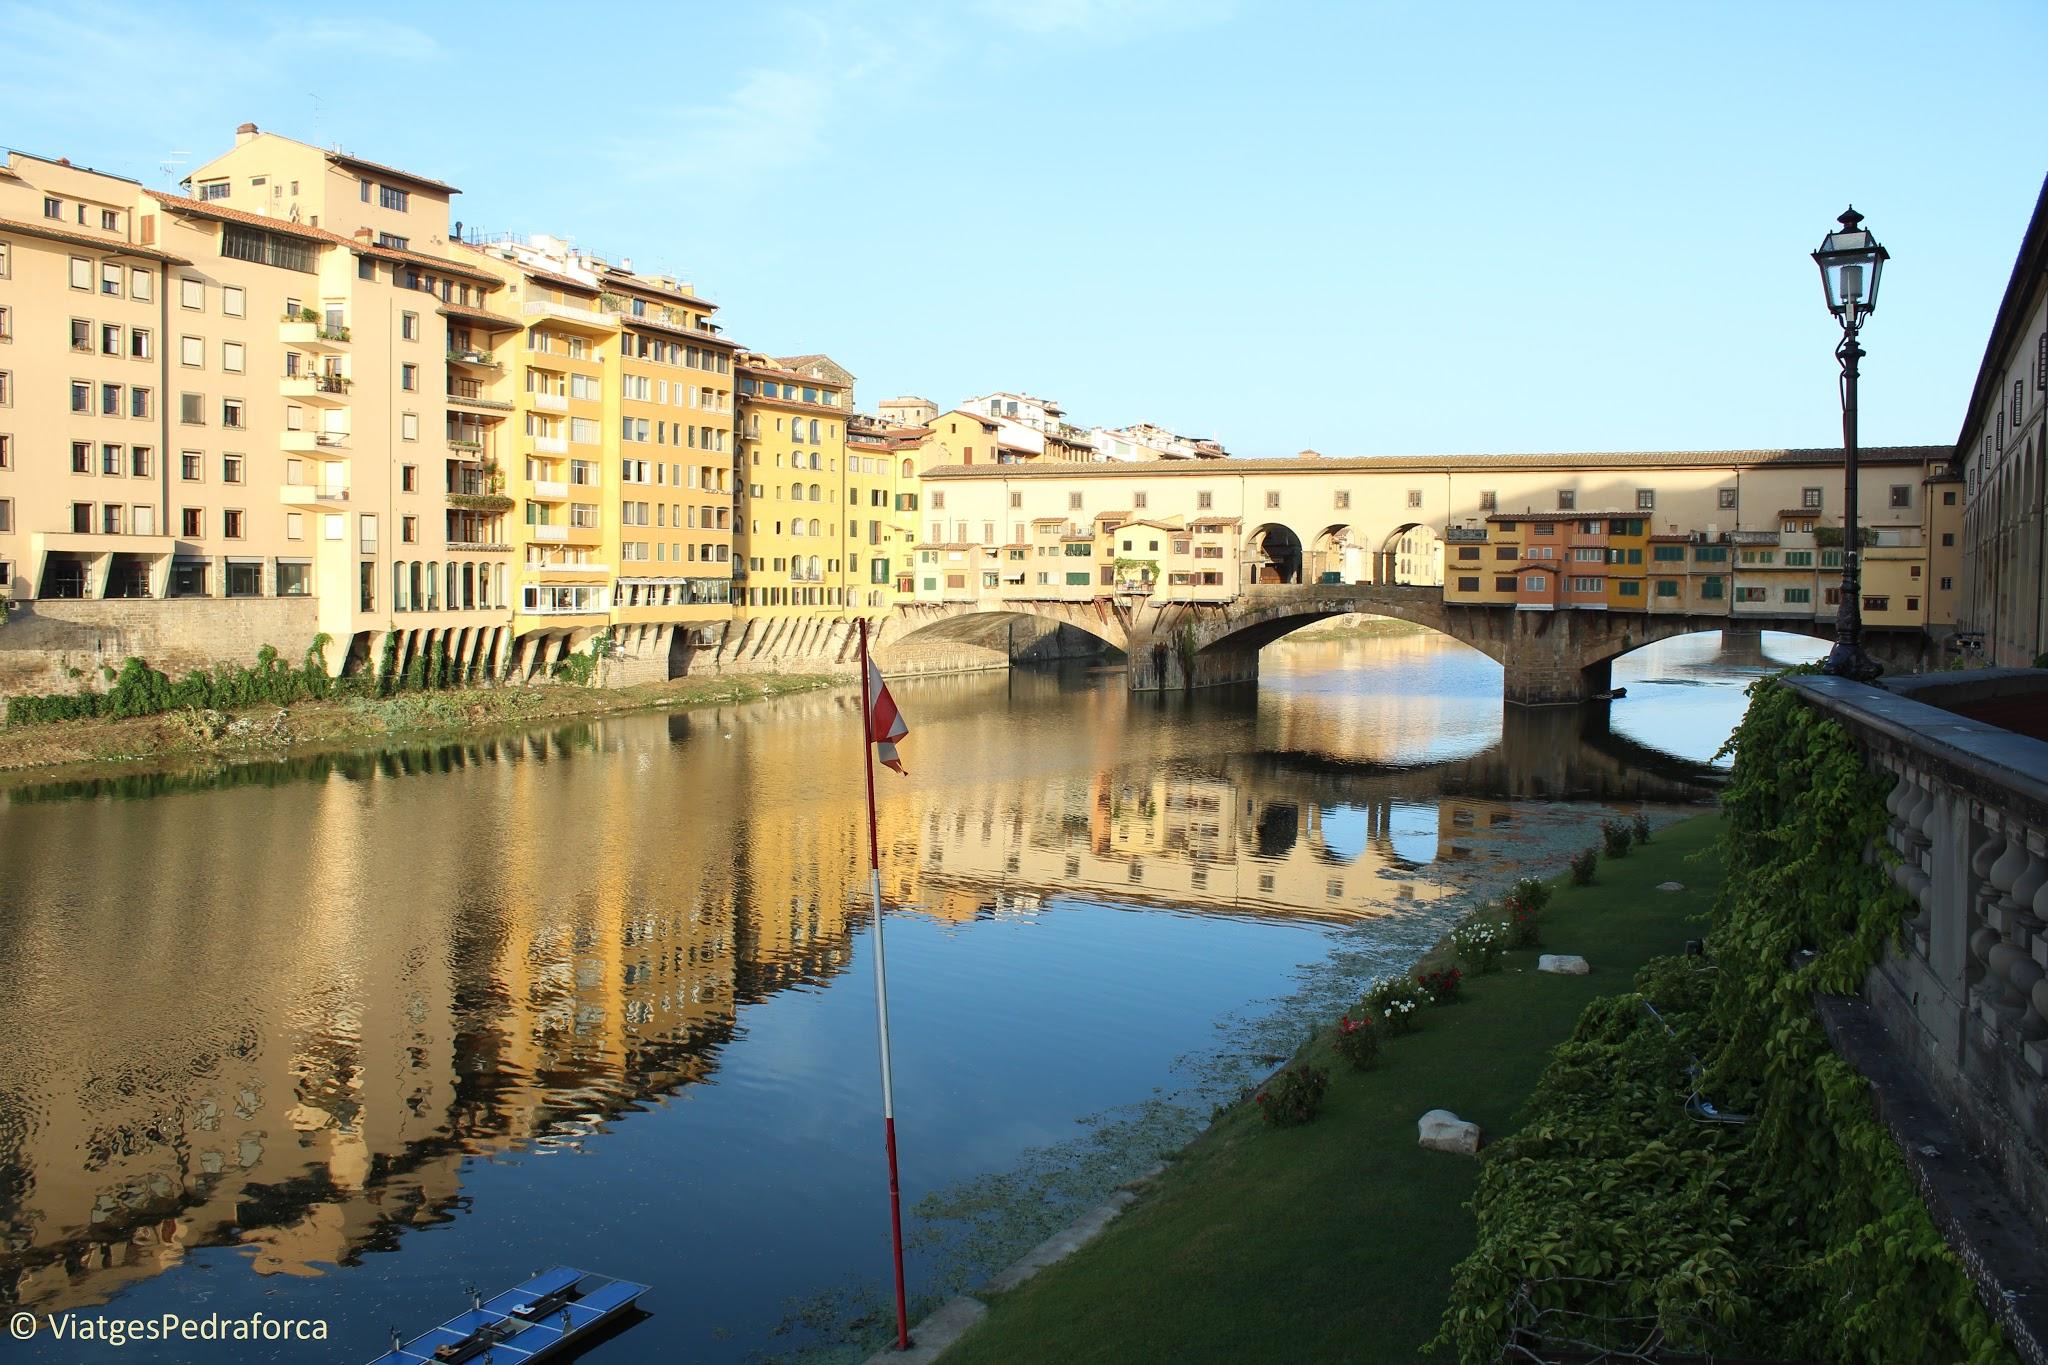 Centre Històric de Florència, Unesco, Patrimoni de la Humanitat, Toscana, Itàlia